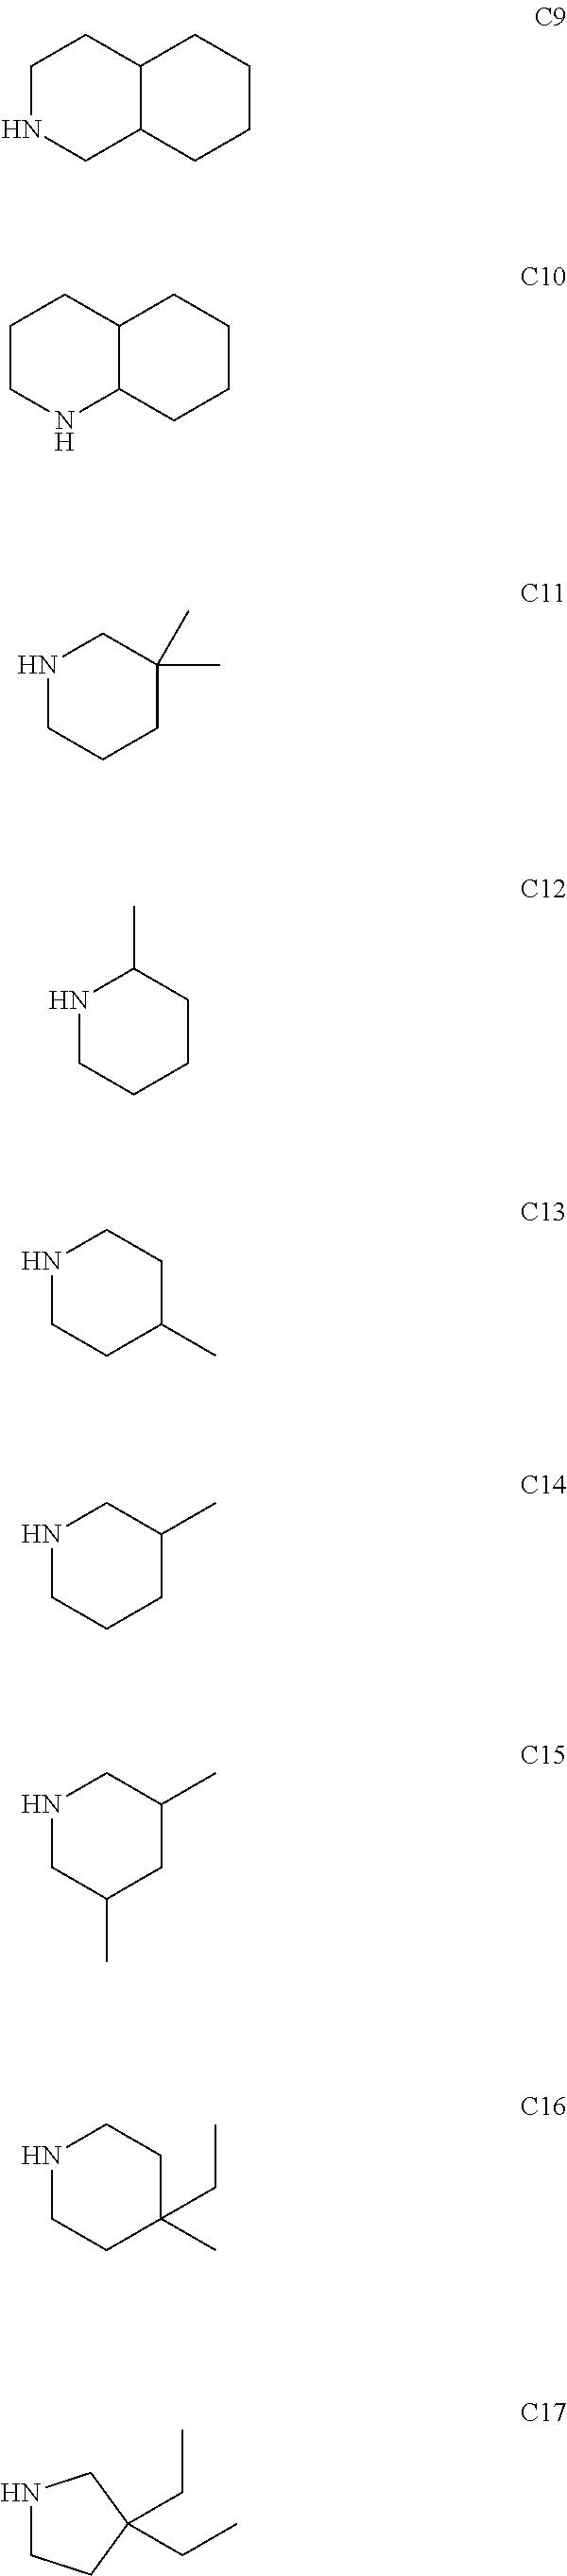 Figure US09840466-20171212-C00011